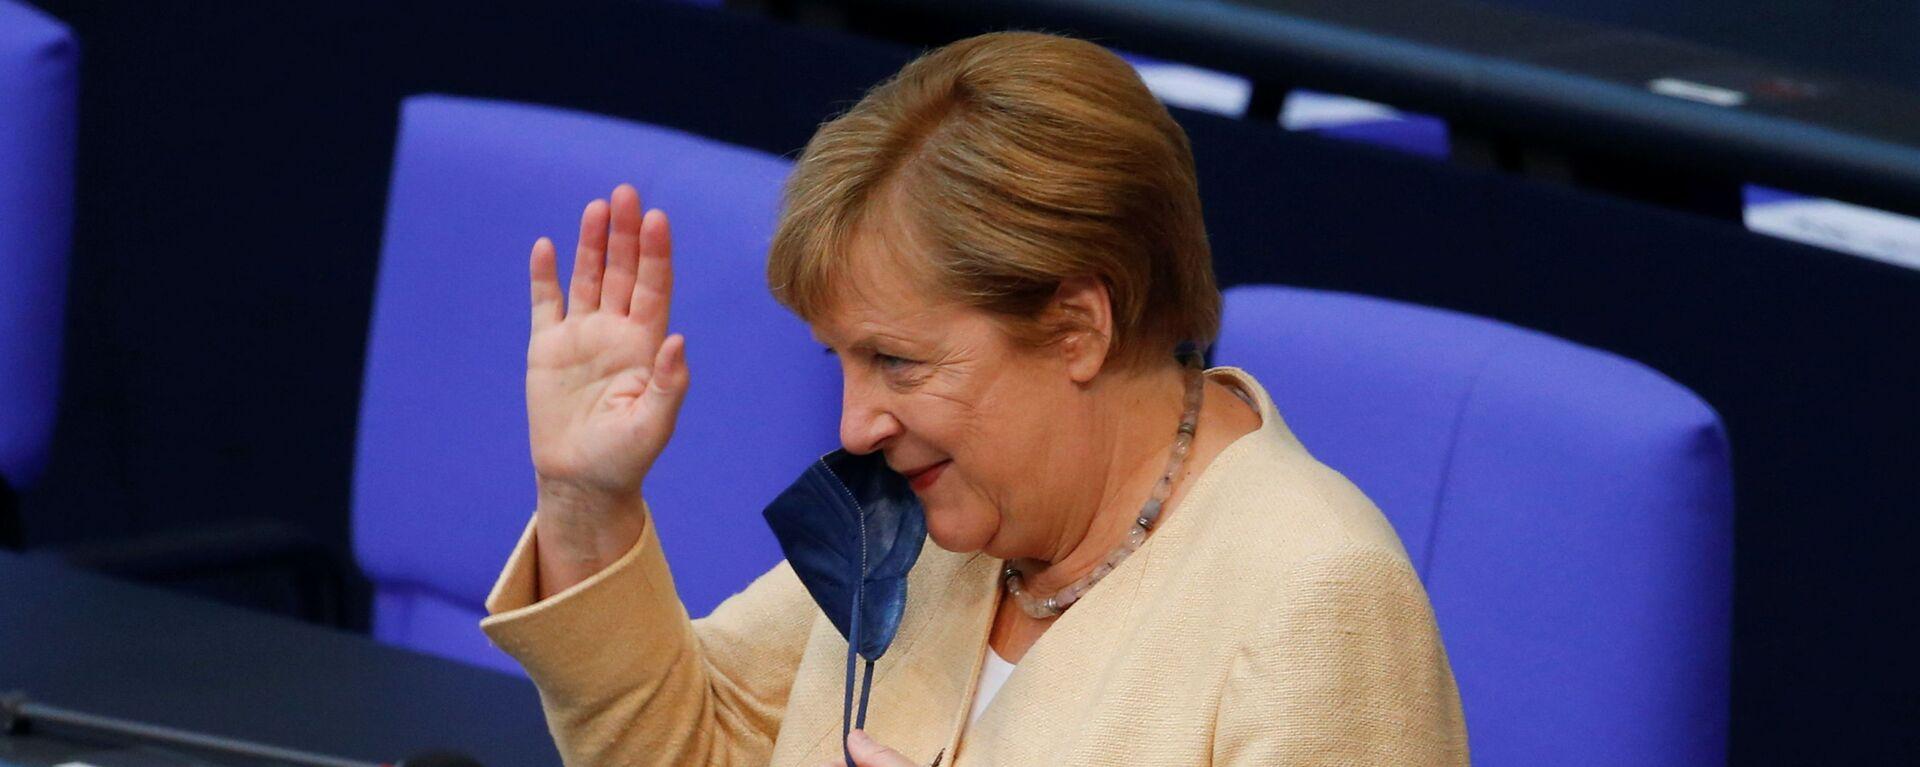 Angela Merkelová - Sputnik Česká republika, 1920, 14.09.2021